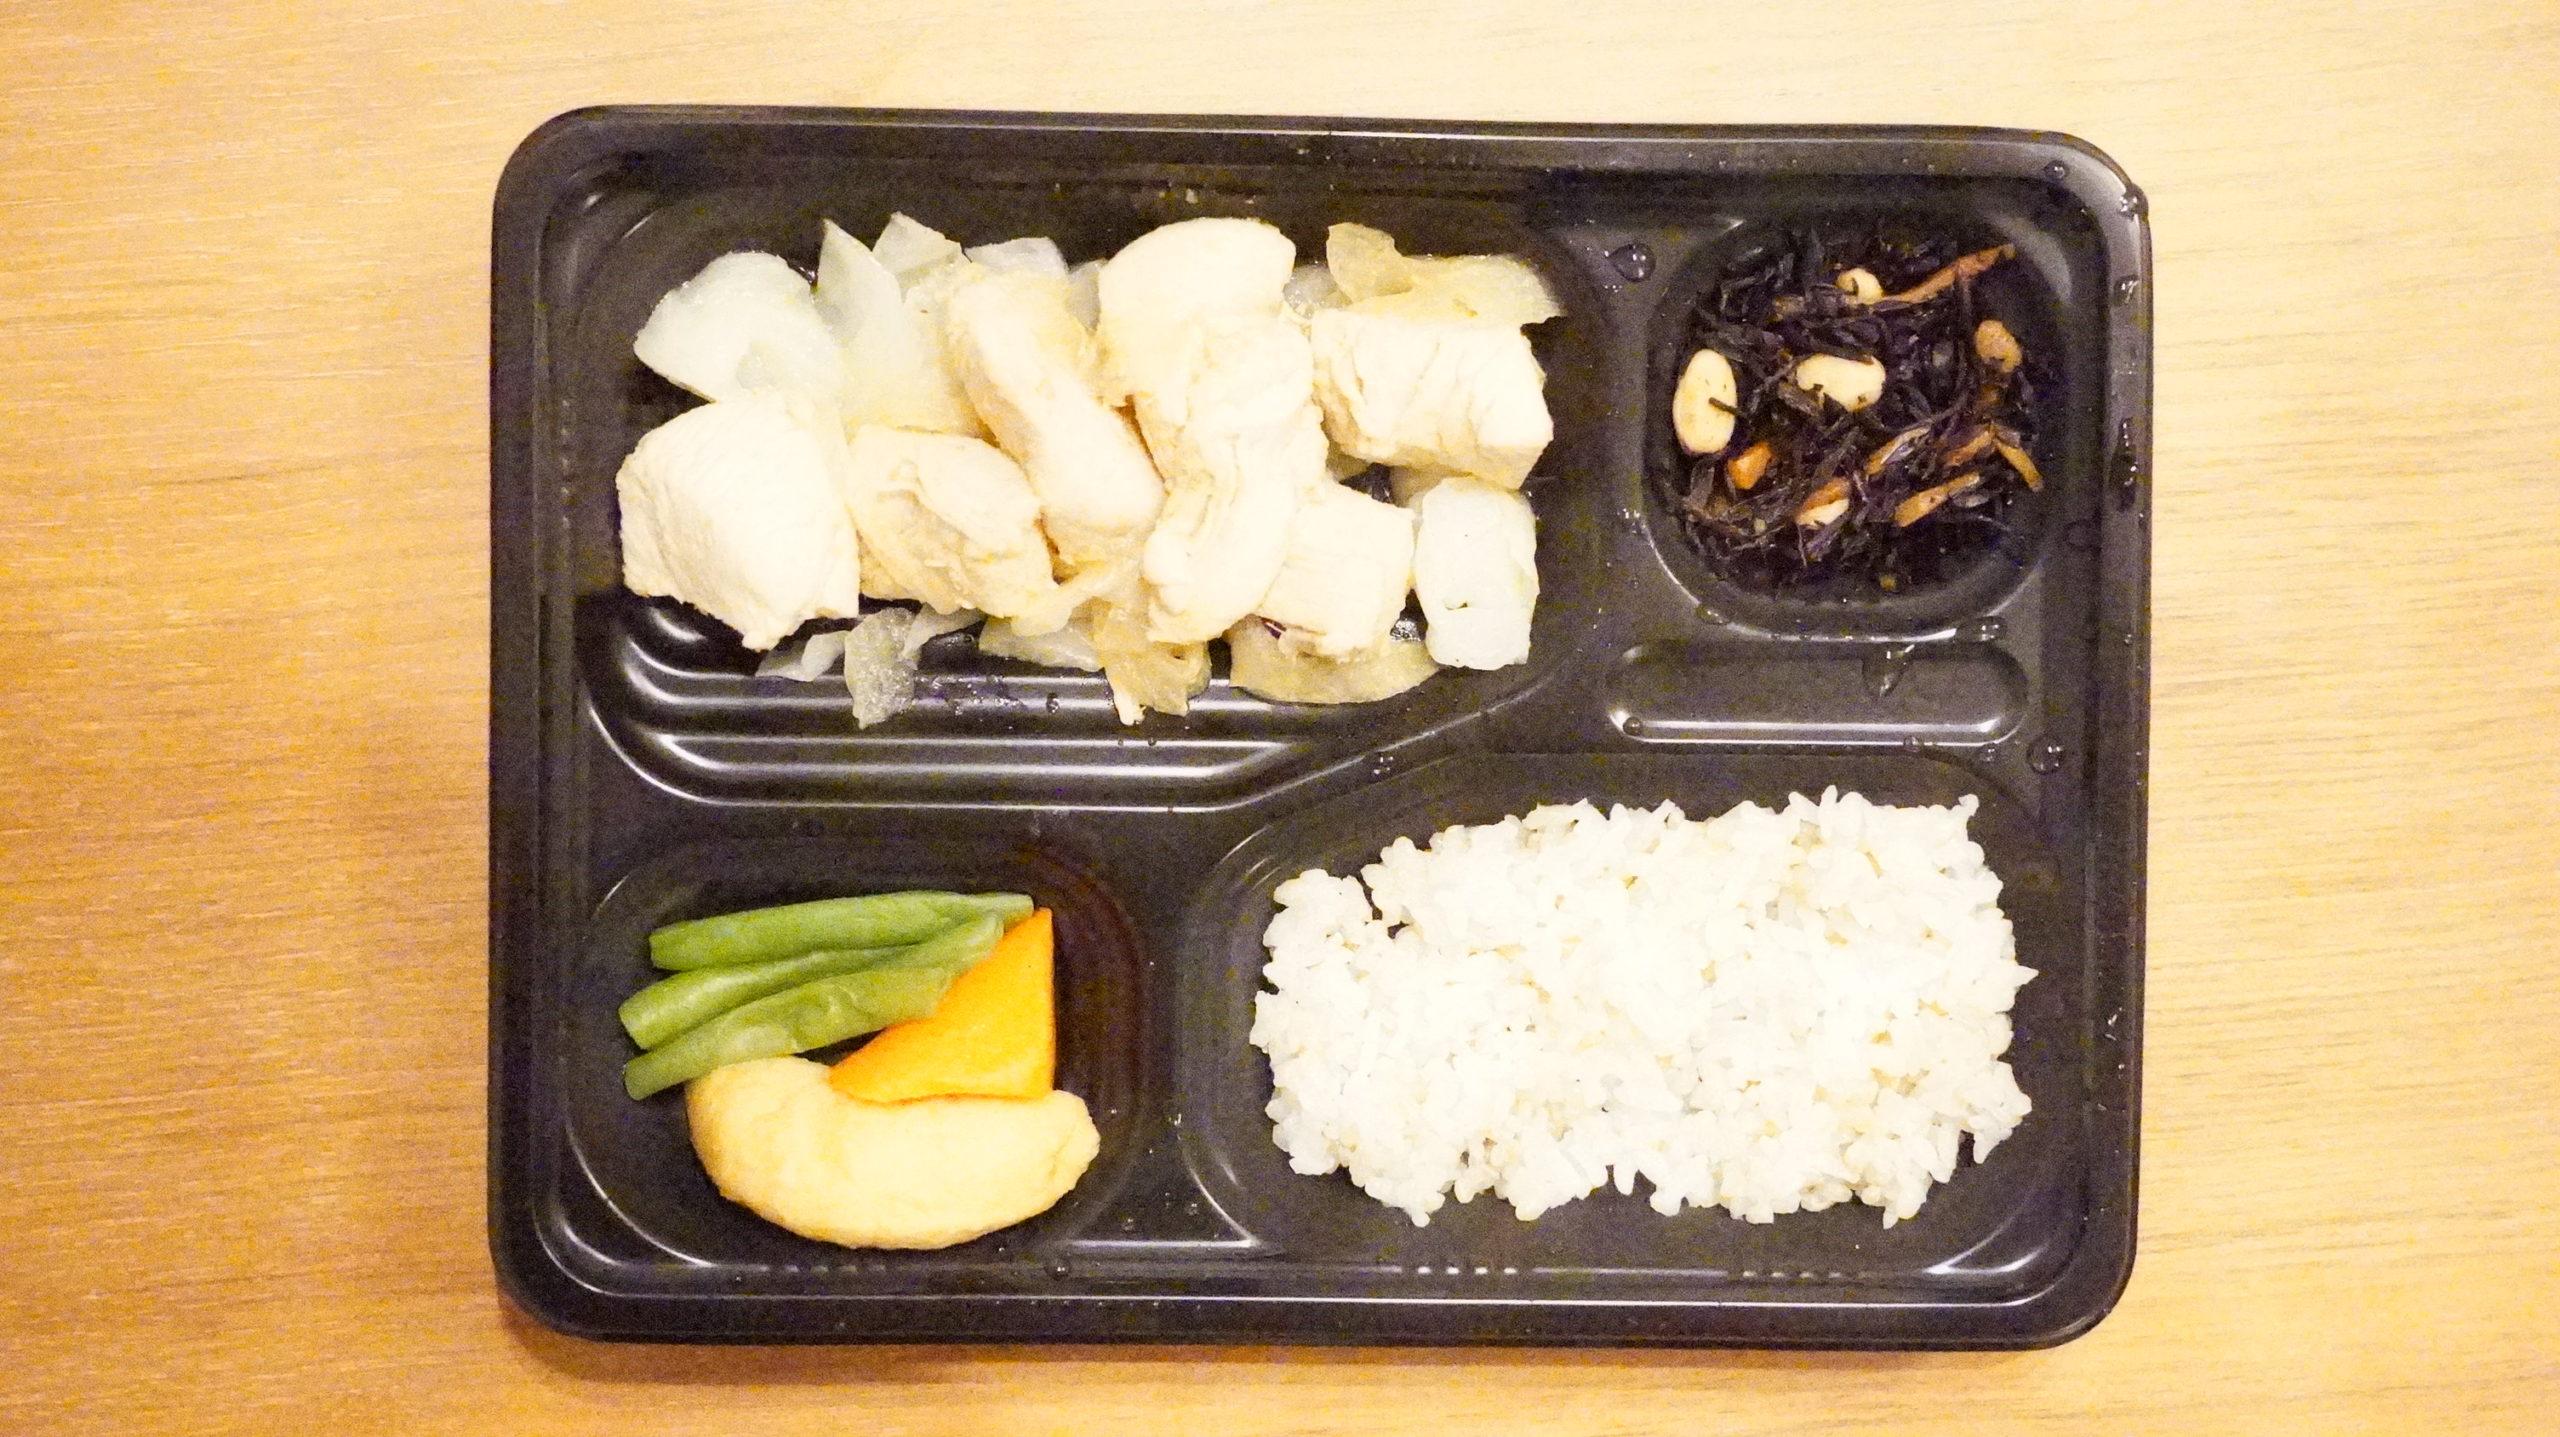 More than Deli(モアザンデリ)の冷凍弁当「鶏肉の生姜焼き」を上から撮影した写真